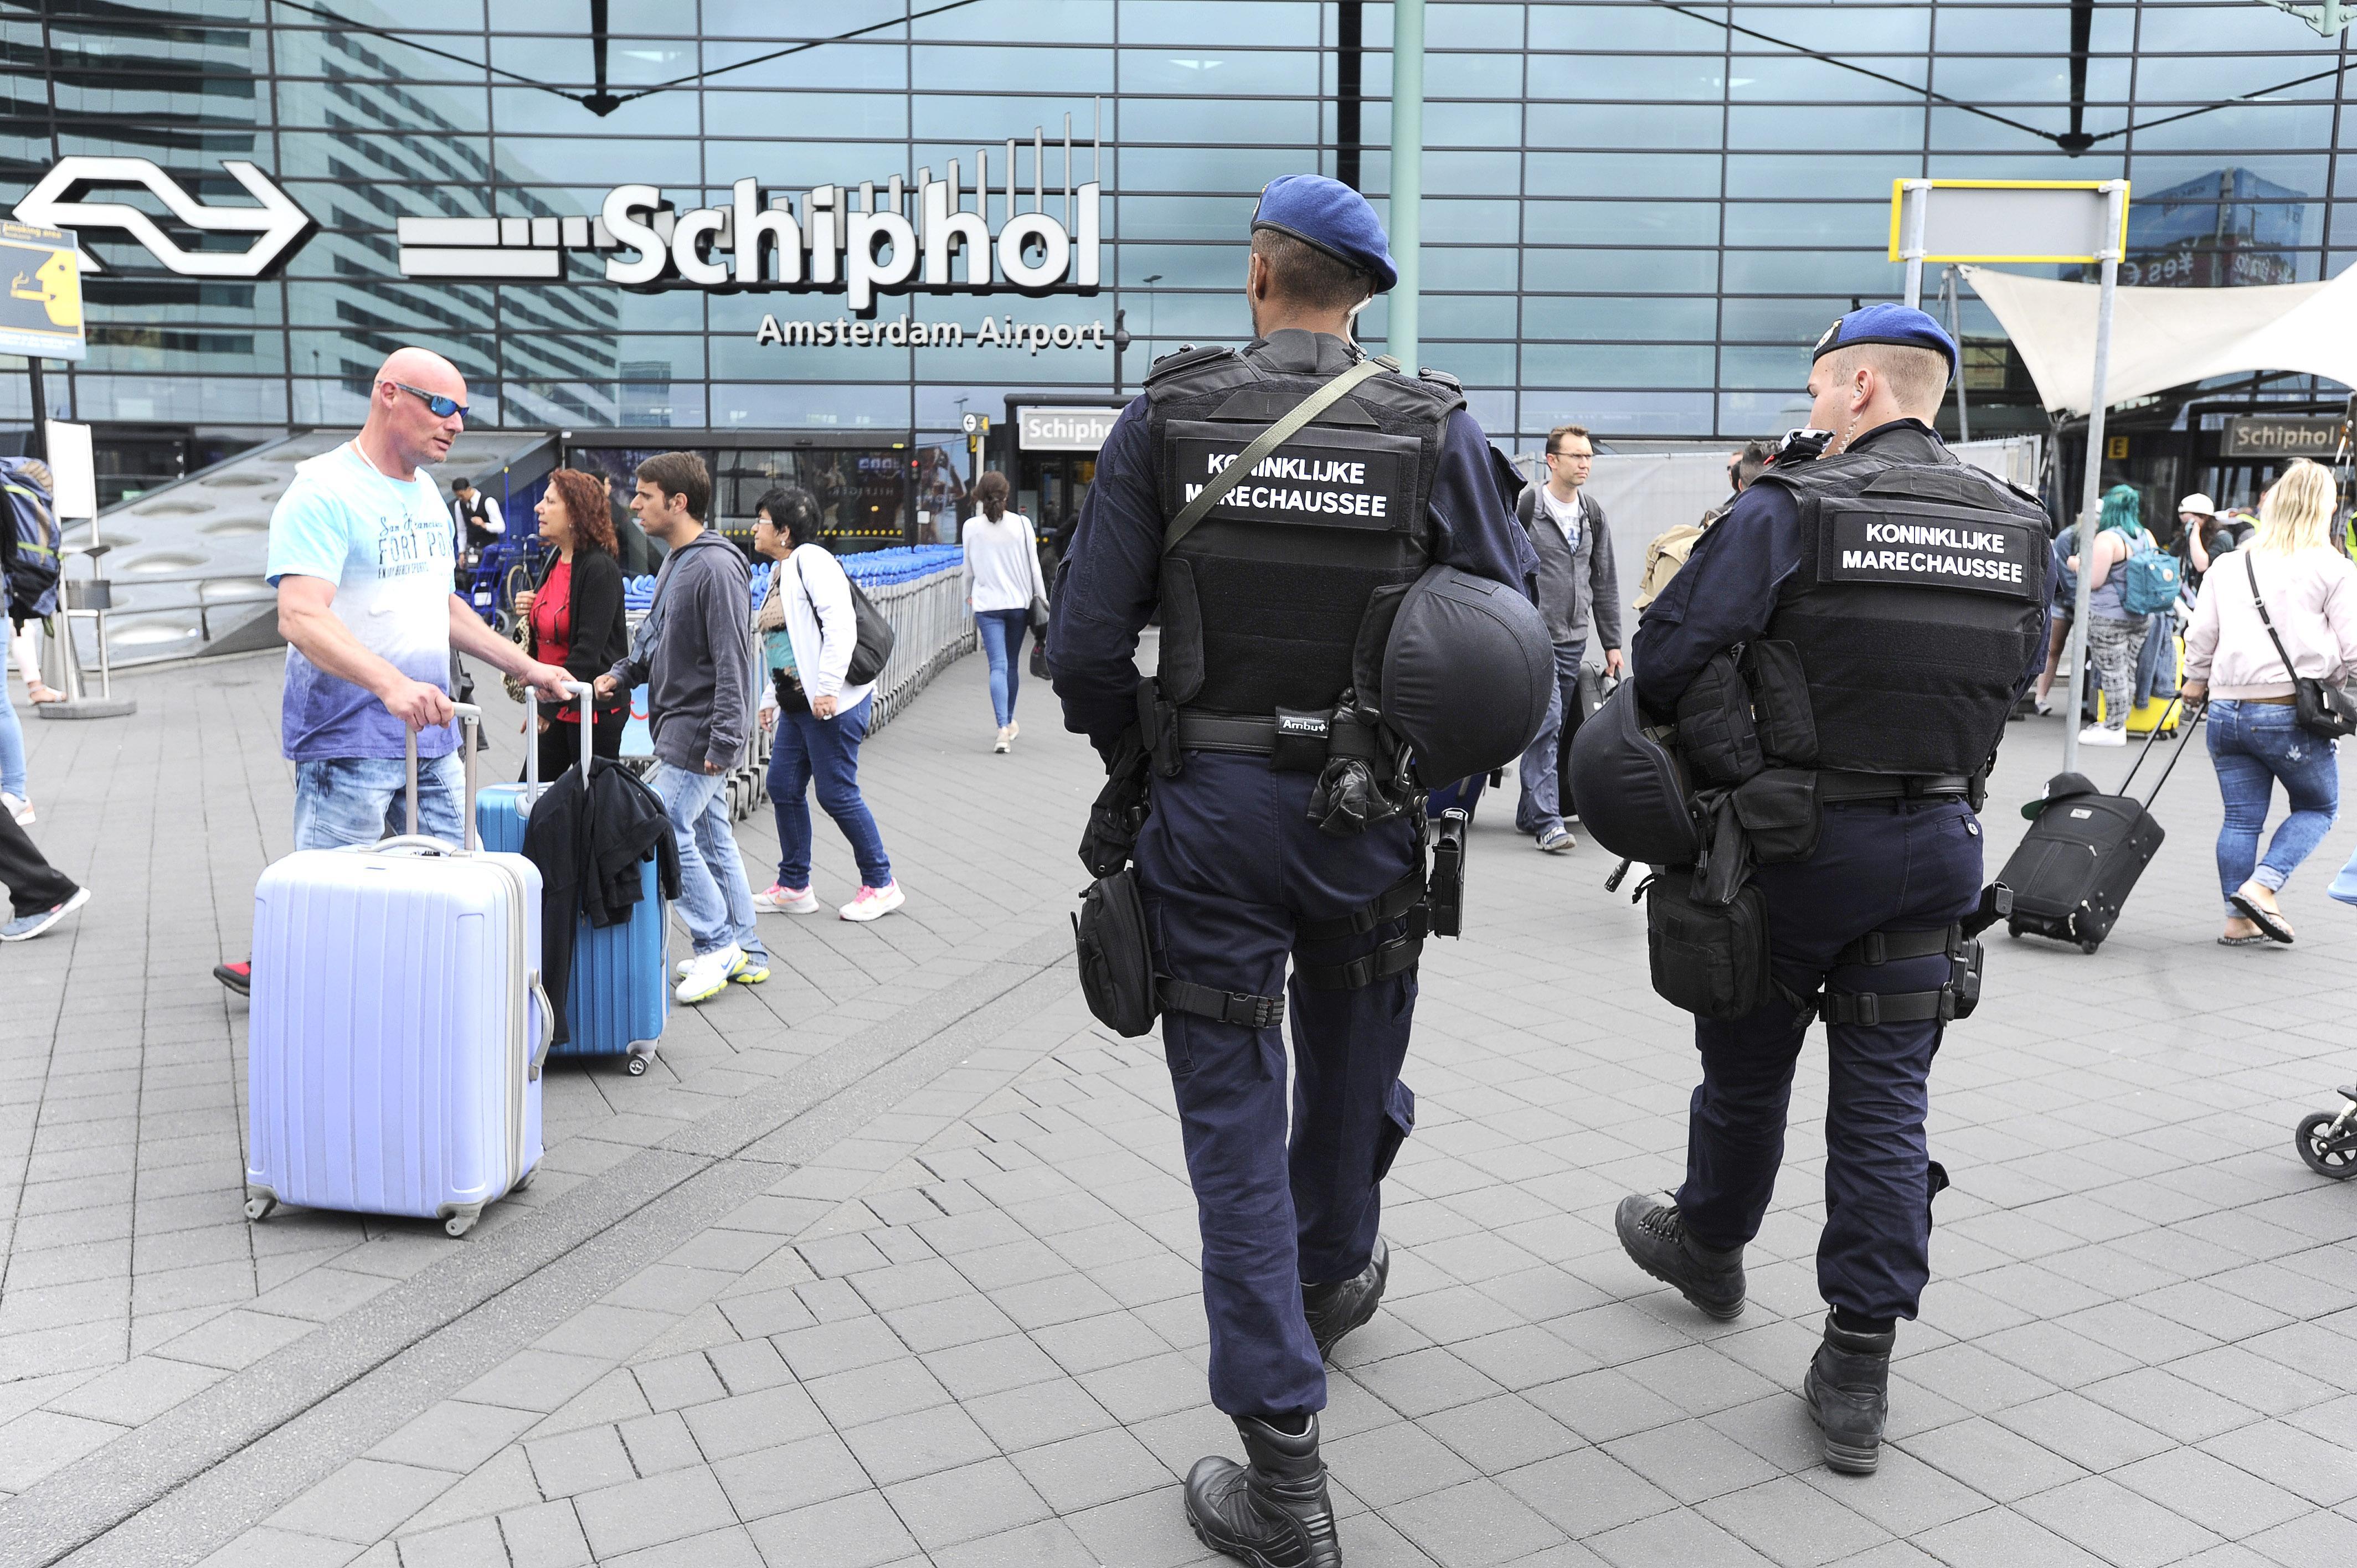 Bijna 2 miljoen tegen criminaliteit op Schiphol